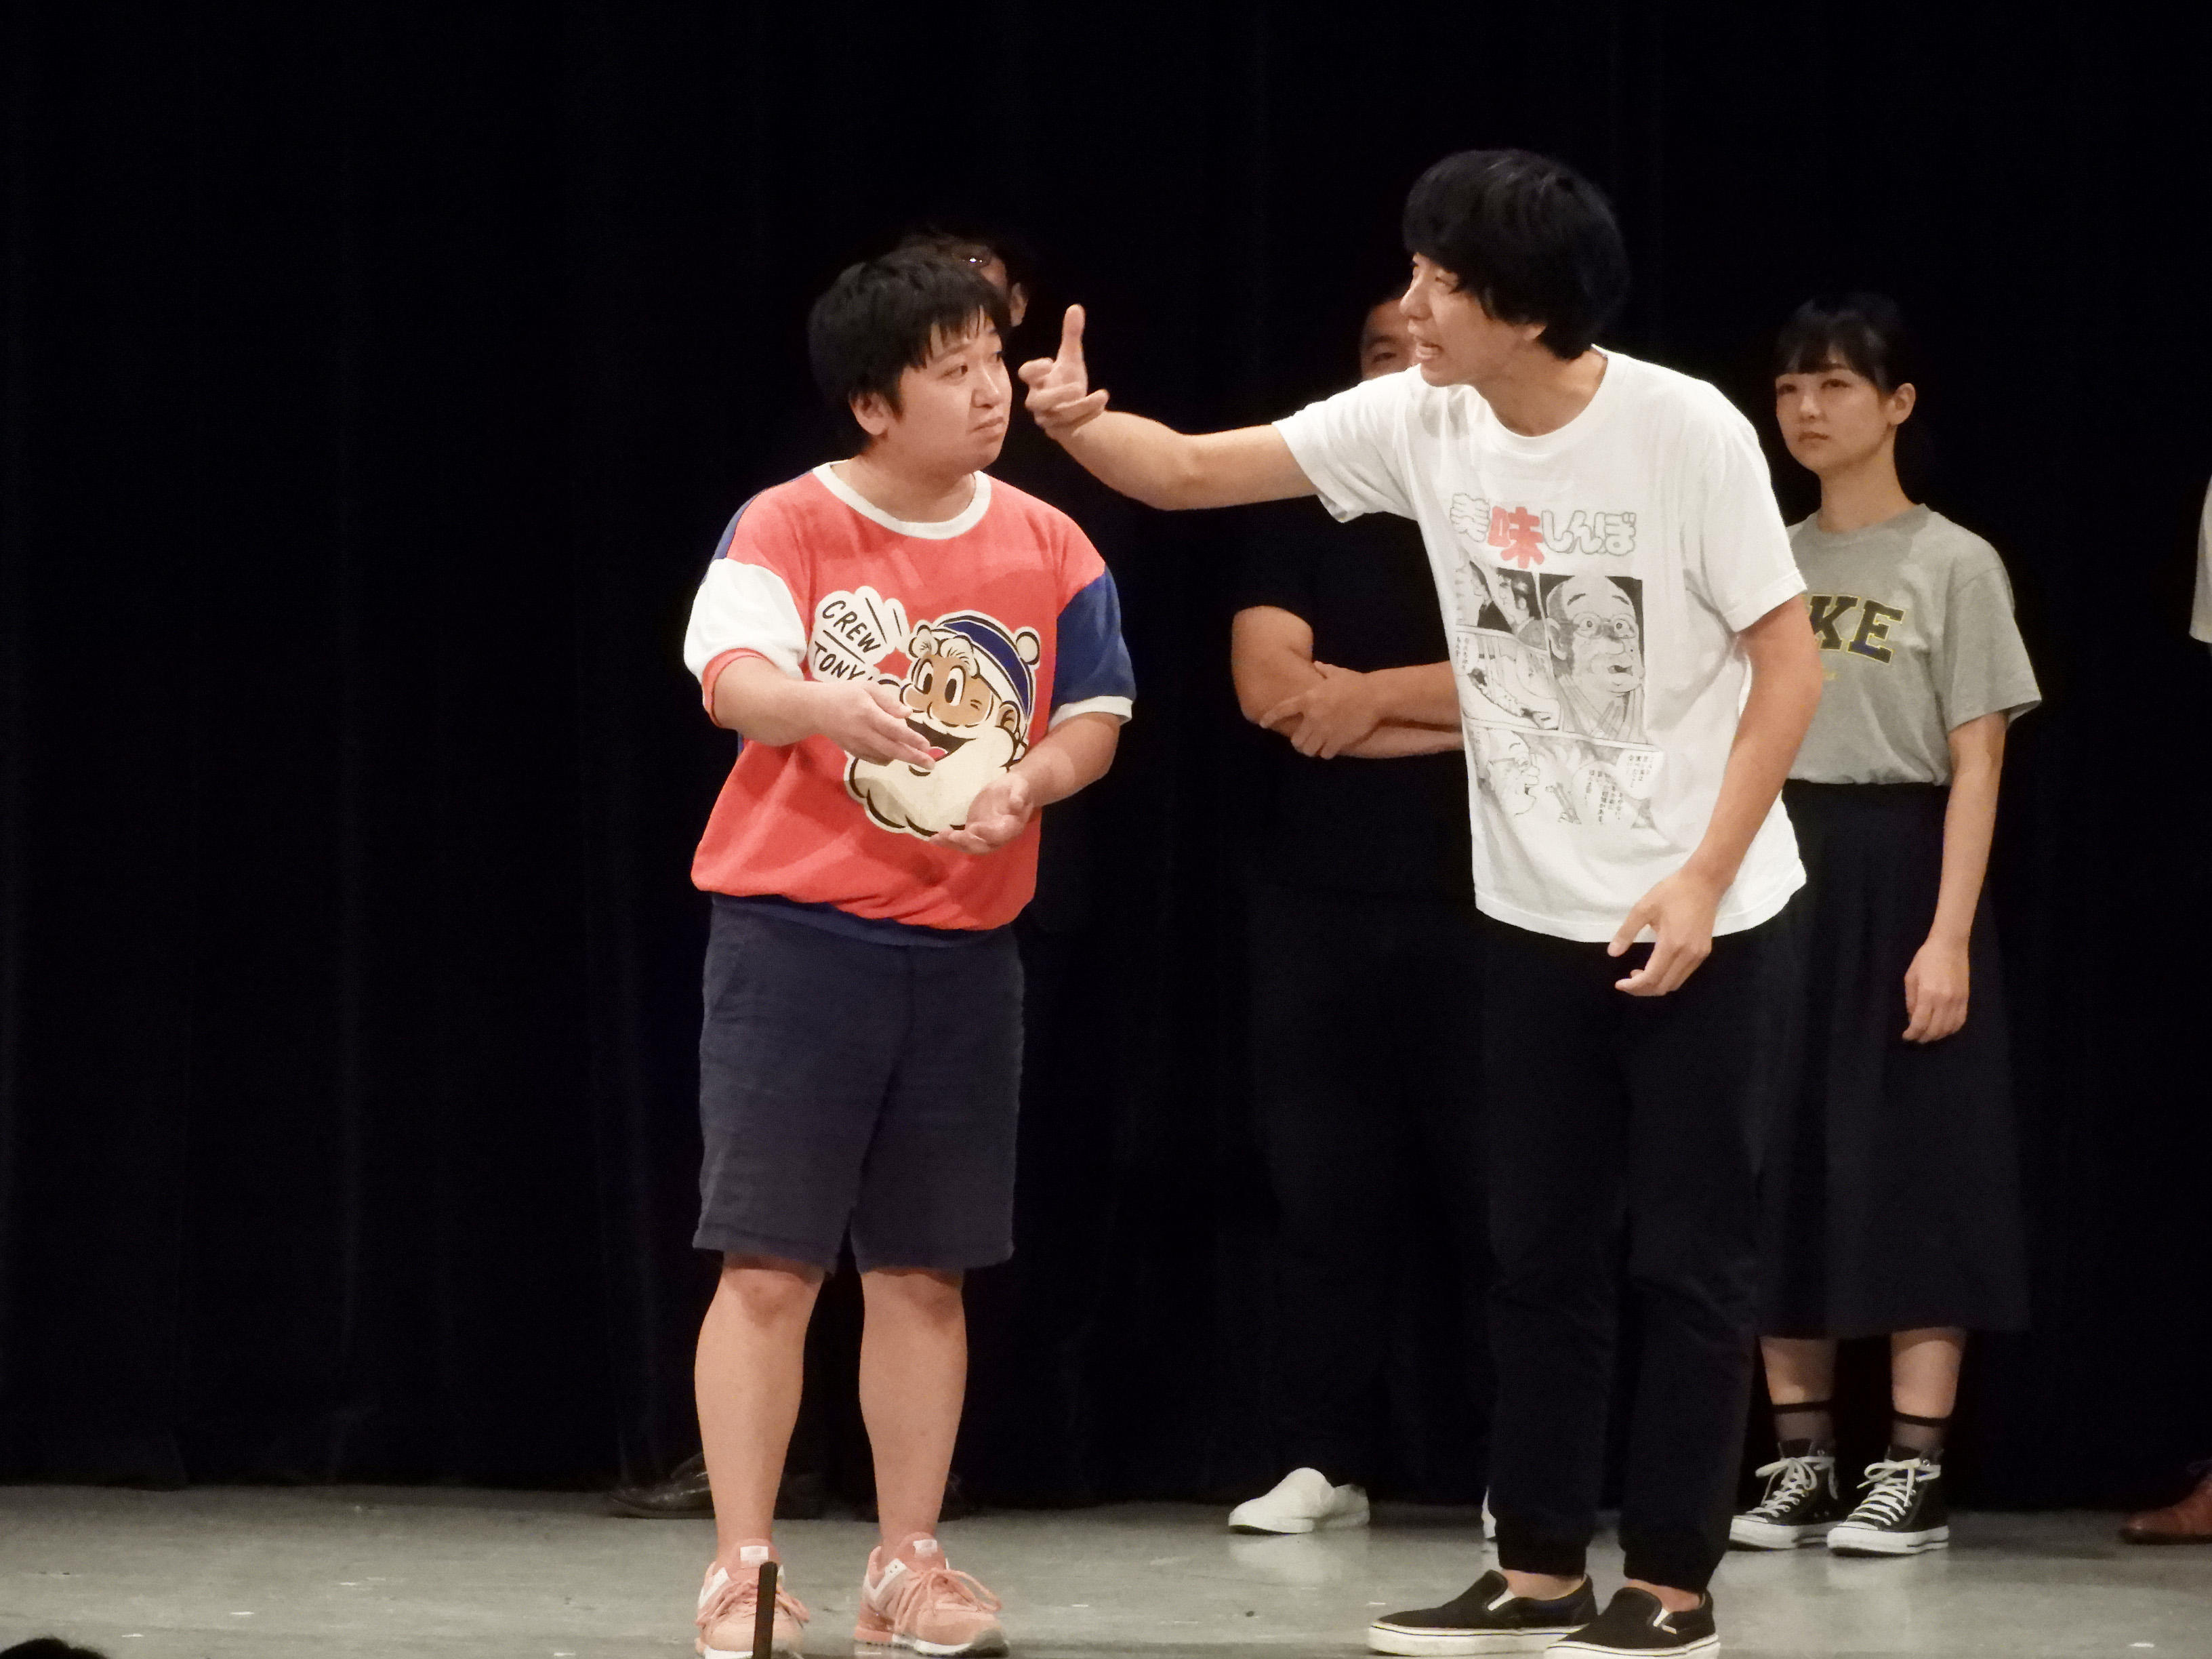 http://news.yoshimoto.co.jp/20180926120905-95659d8ac5cf3a698c155e44b3623e9d69d43f91.jpg